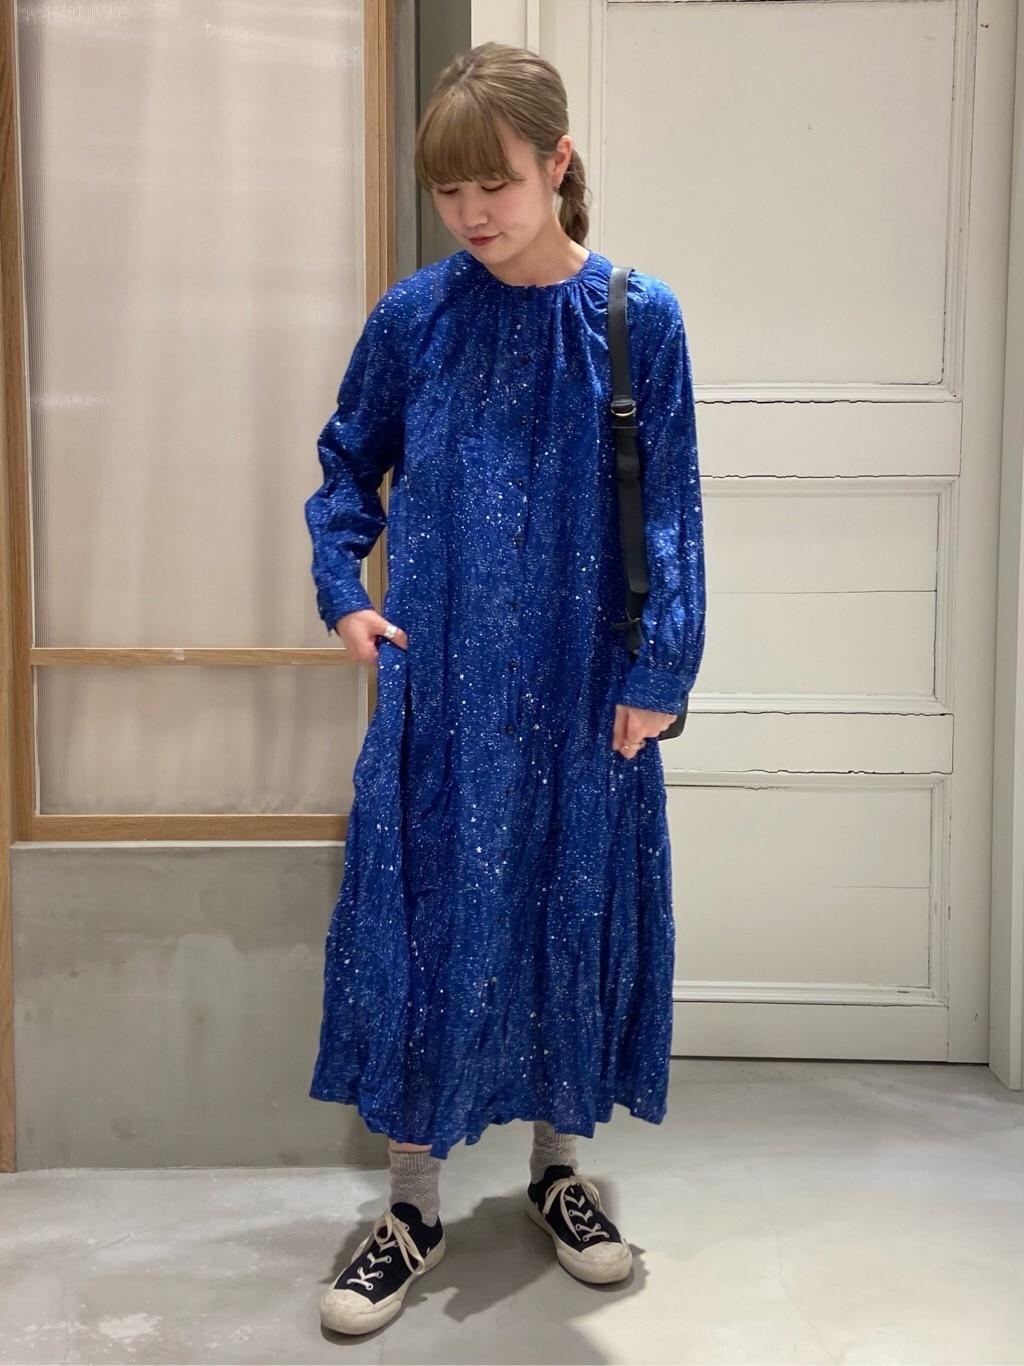 渋谷スクランブルスクエア 2021.01.12